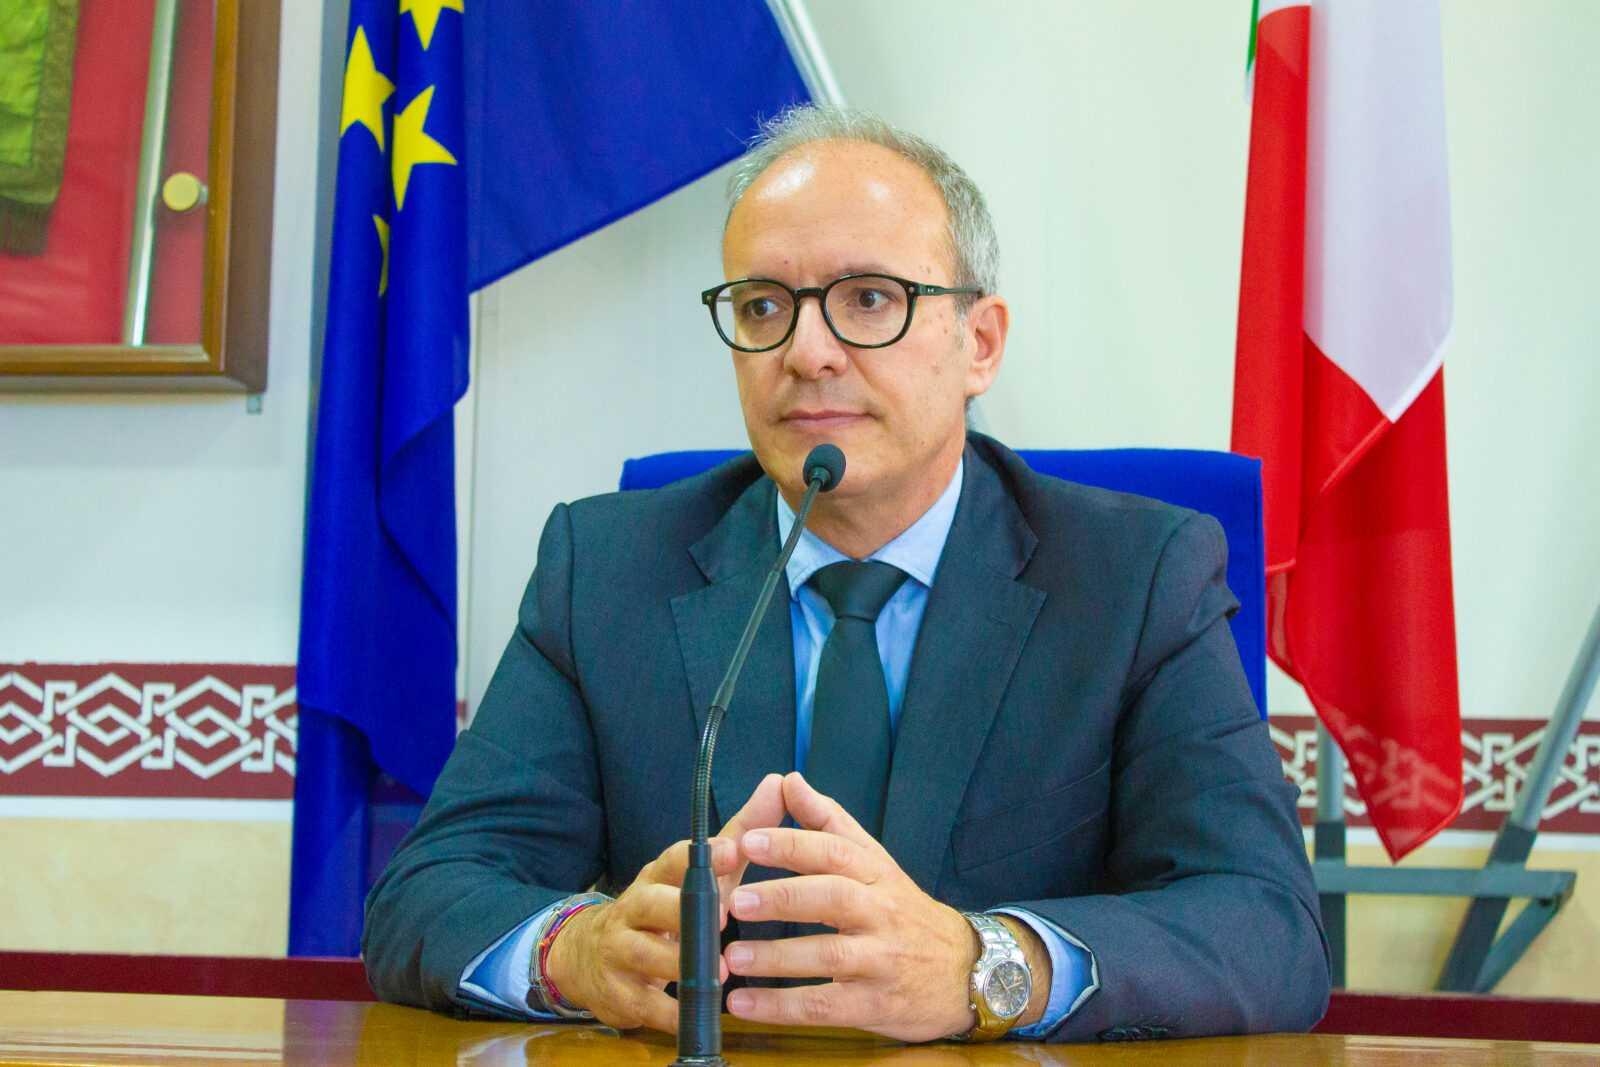 Sostegno al settore spettacolo, il Sindaco di Pineto scrive a Ministri, ANCI e autorità regionali